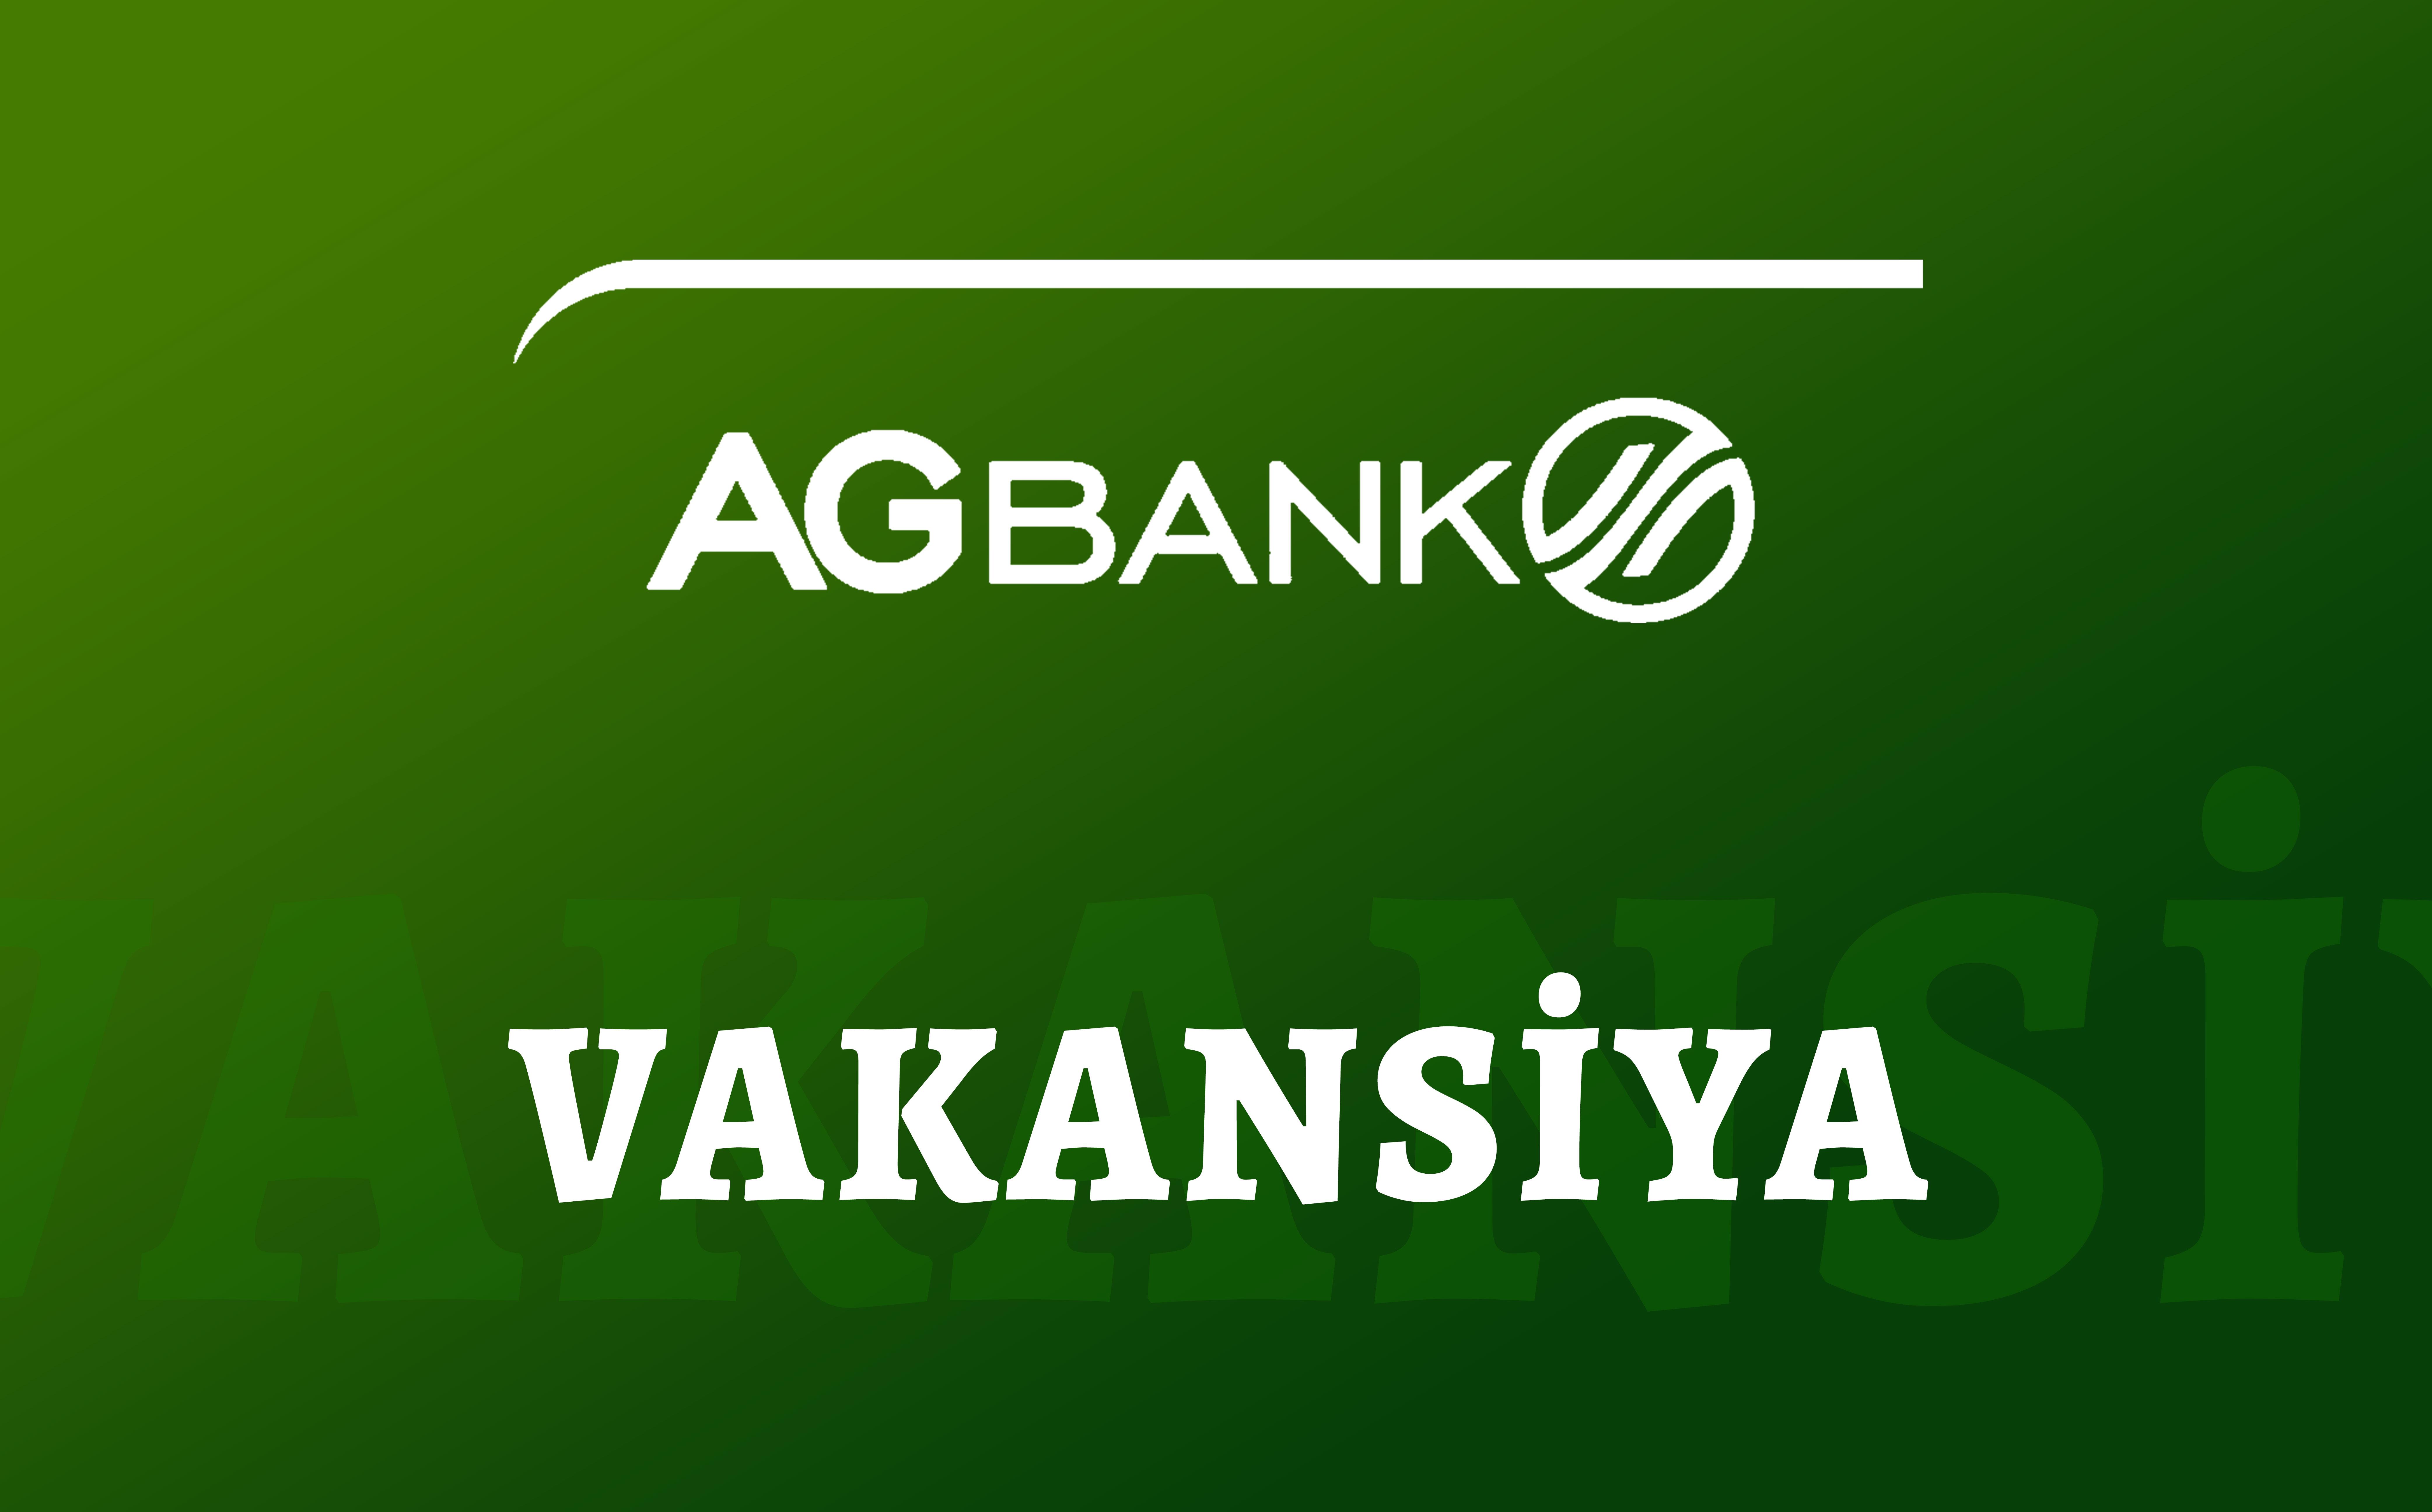 İŞ VAR - AGBank-da 2 YENİ VAKANSİYA